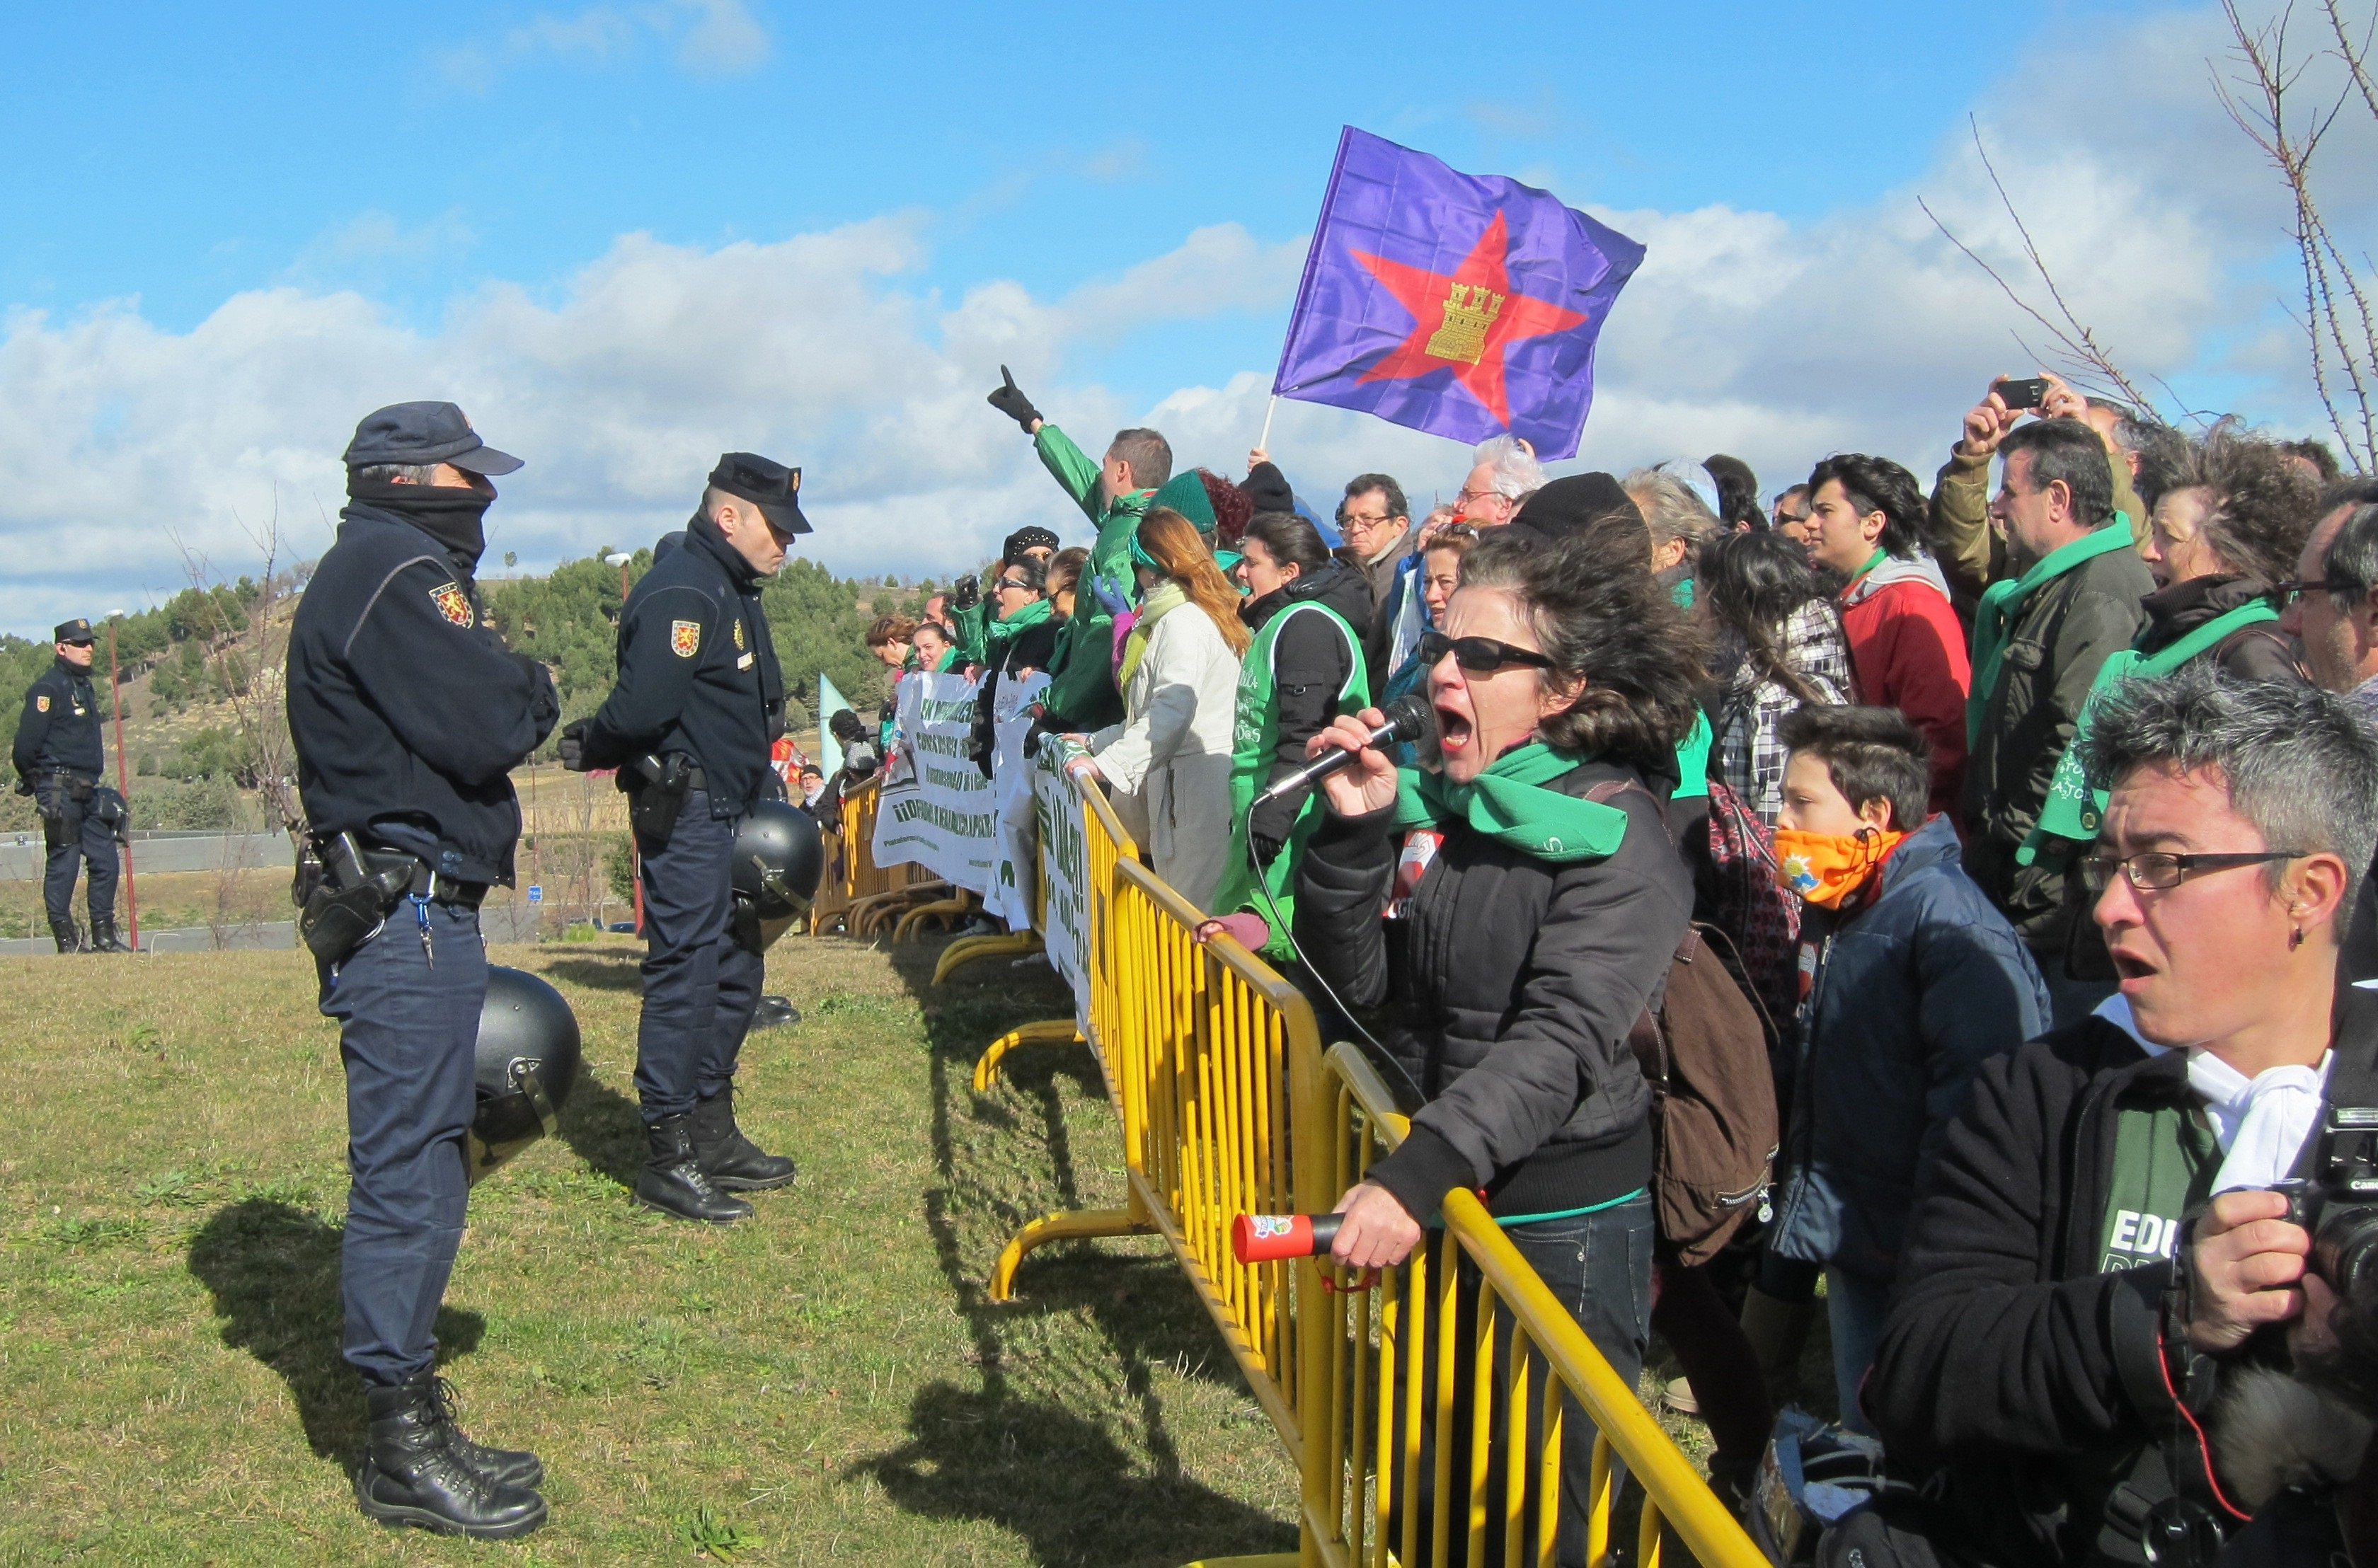 Mas de 500 personas se manifiestan en defensa de la enseñanza pública en las inmediaciones de la convención del PP